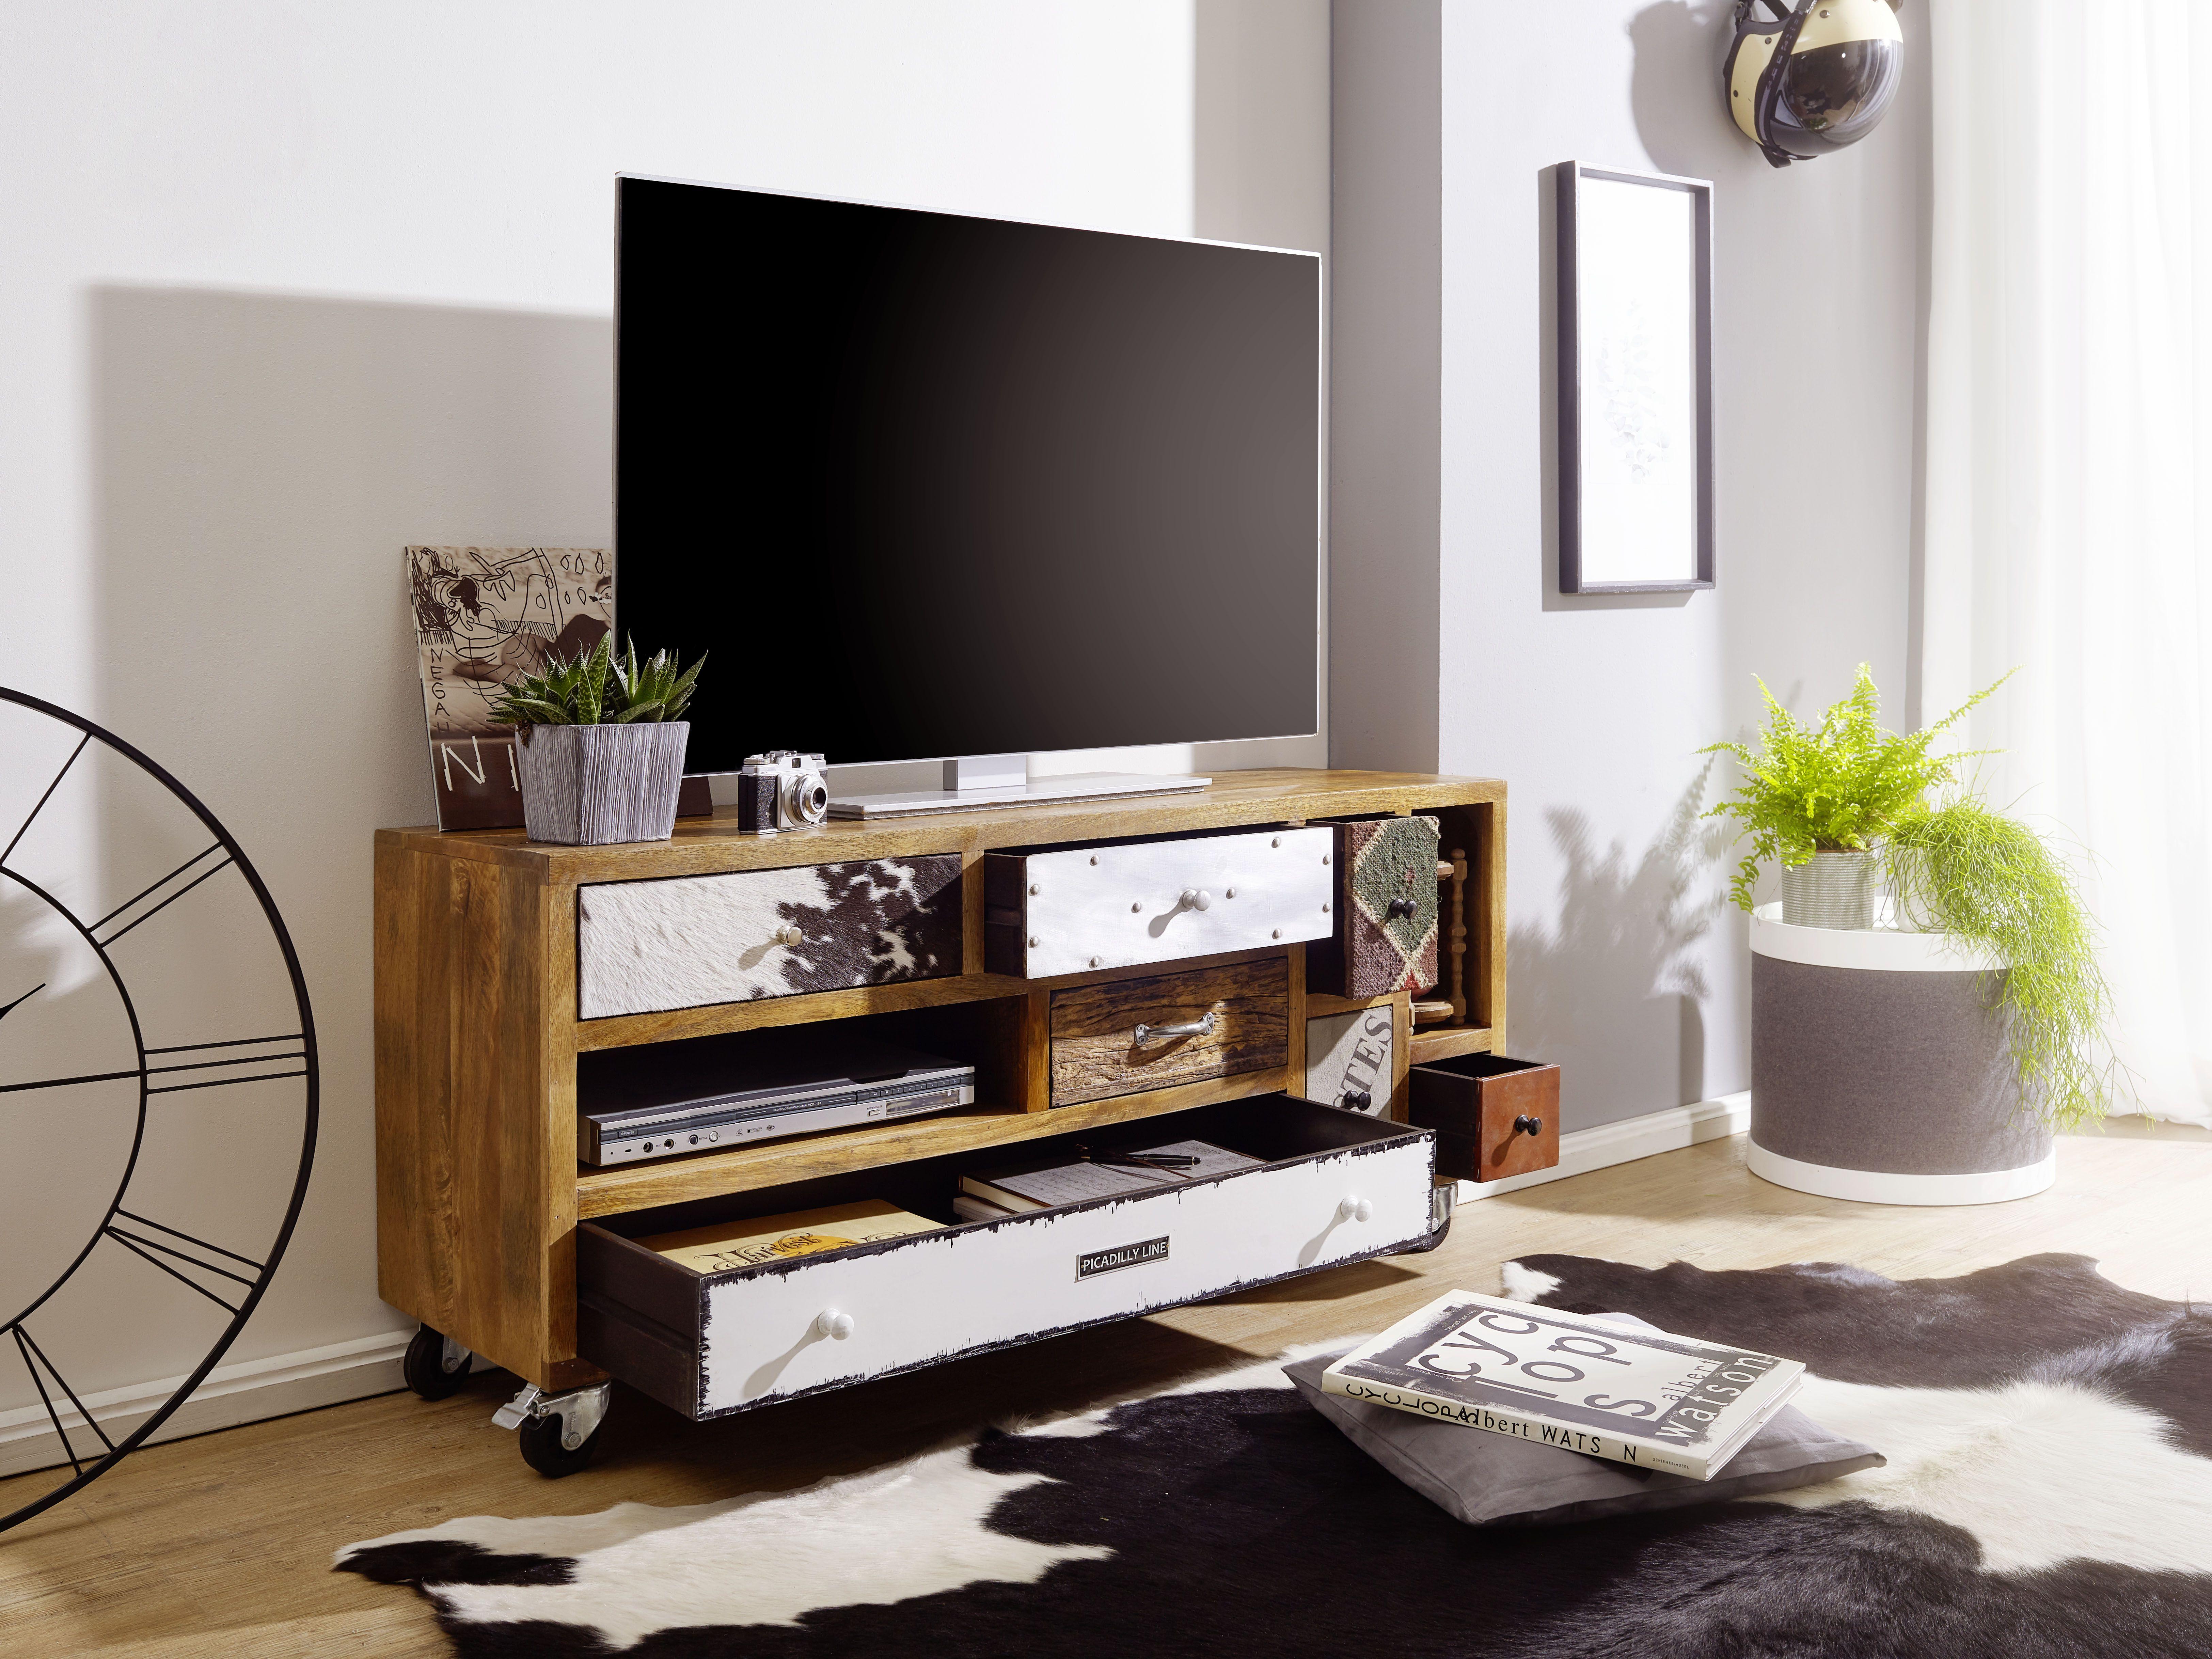 Wohnling Tv Board Nepal Wl5 377 Aus Massivholz Und Eisen Wohnzimmer